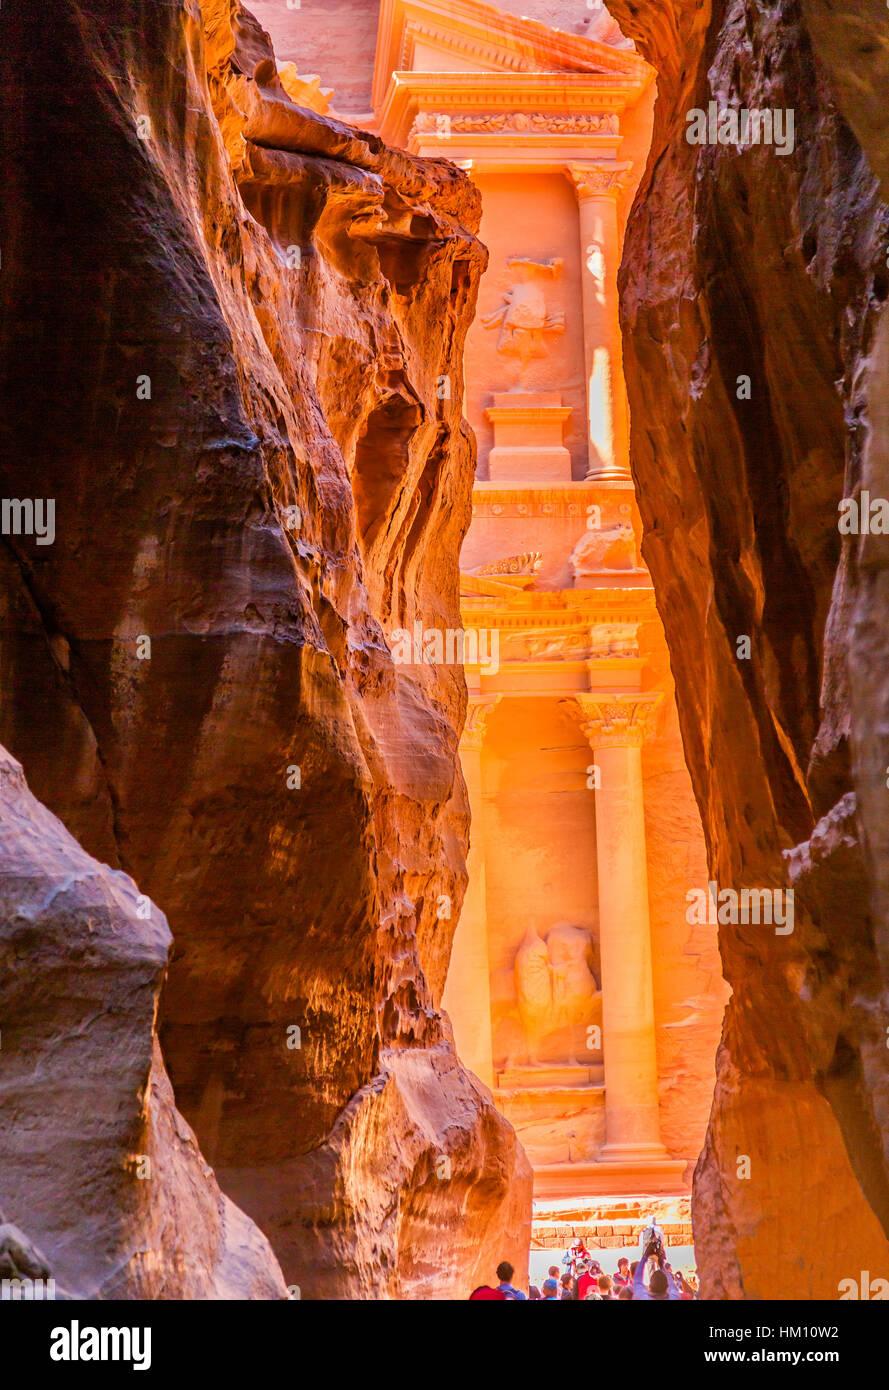 Siq extérieur du Trésor jaune matin Petra Jordanie Petra Jordanie. Construit par le Conseil du Trésor Photo Stock